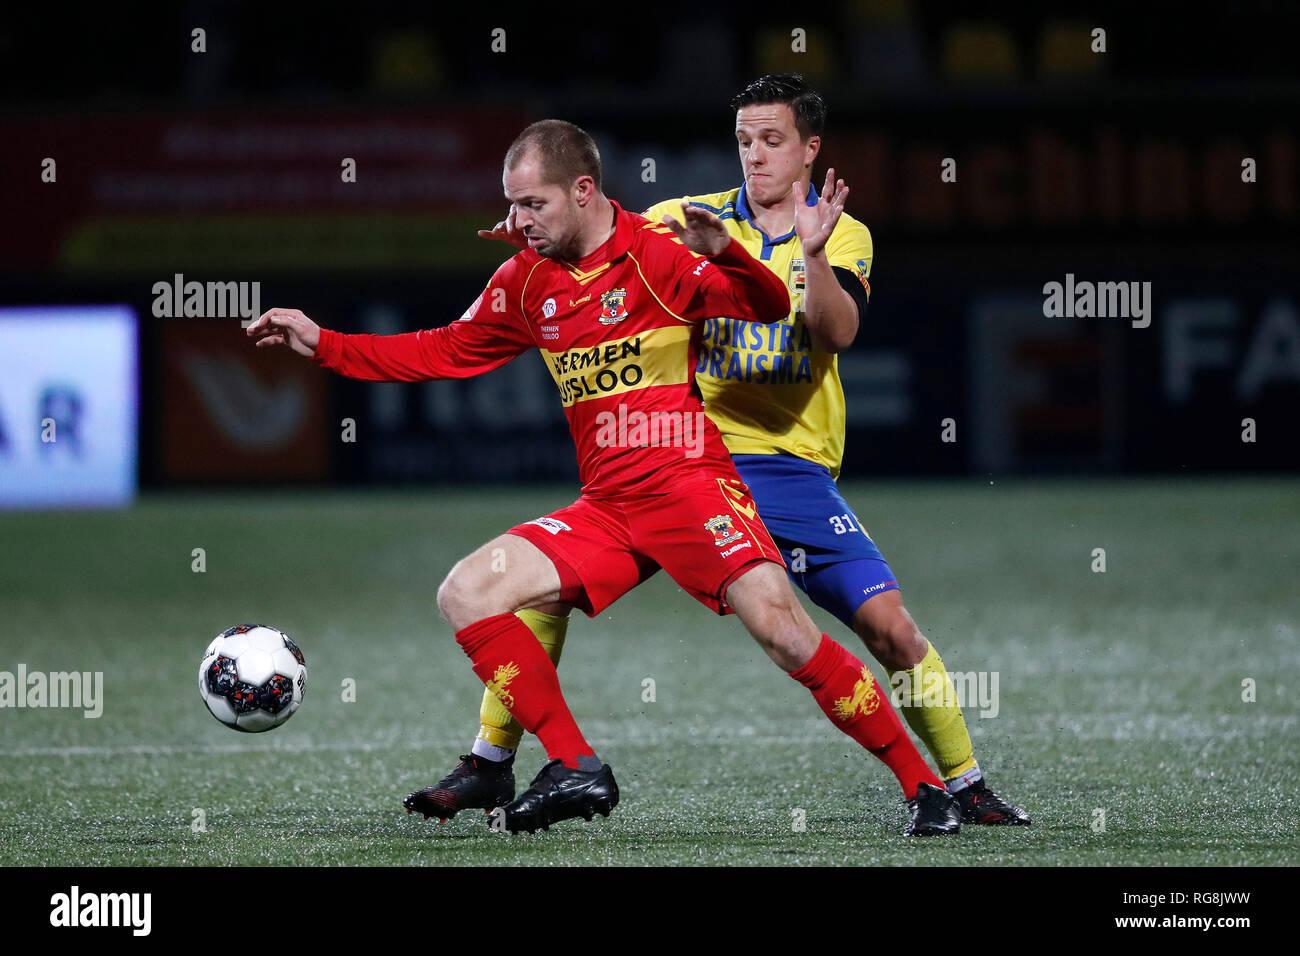 Leeuwarden Netherlands 28th January 2019 Cambuur Stadion Season 2018 2019 Keukenkampioen Divisie Istvan Bakx Nino Van